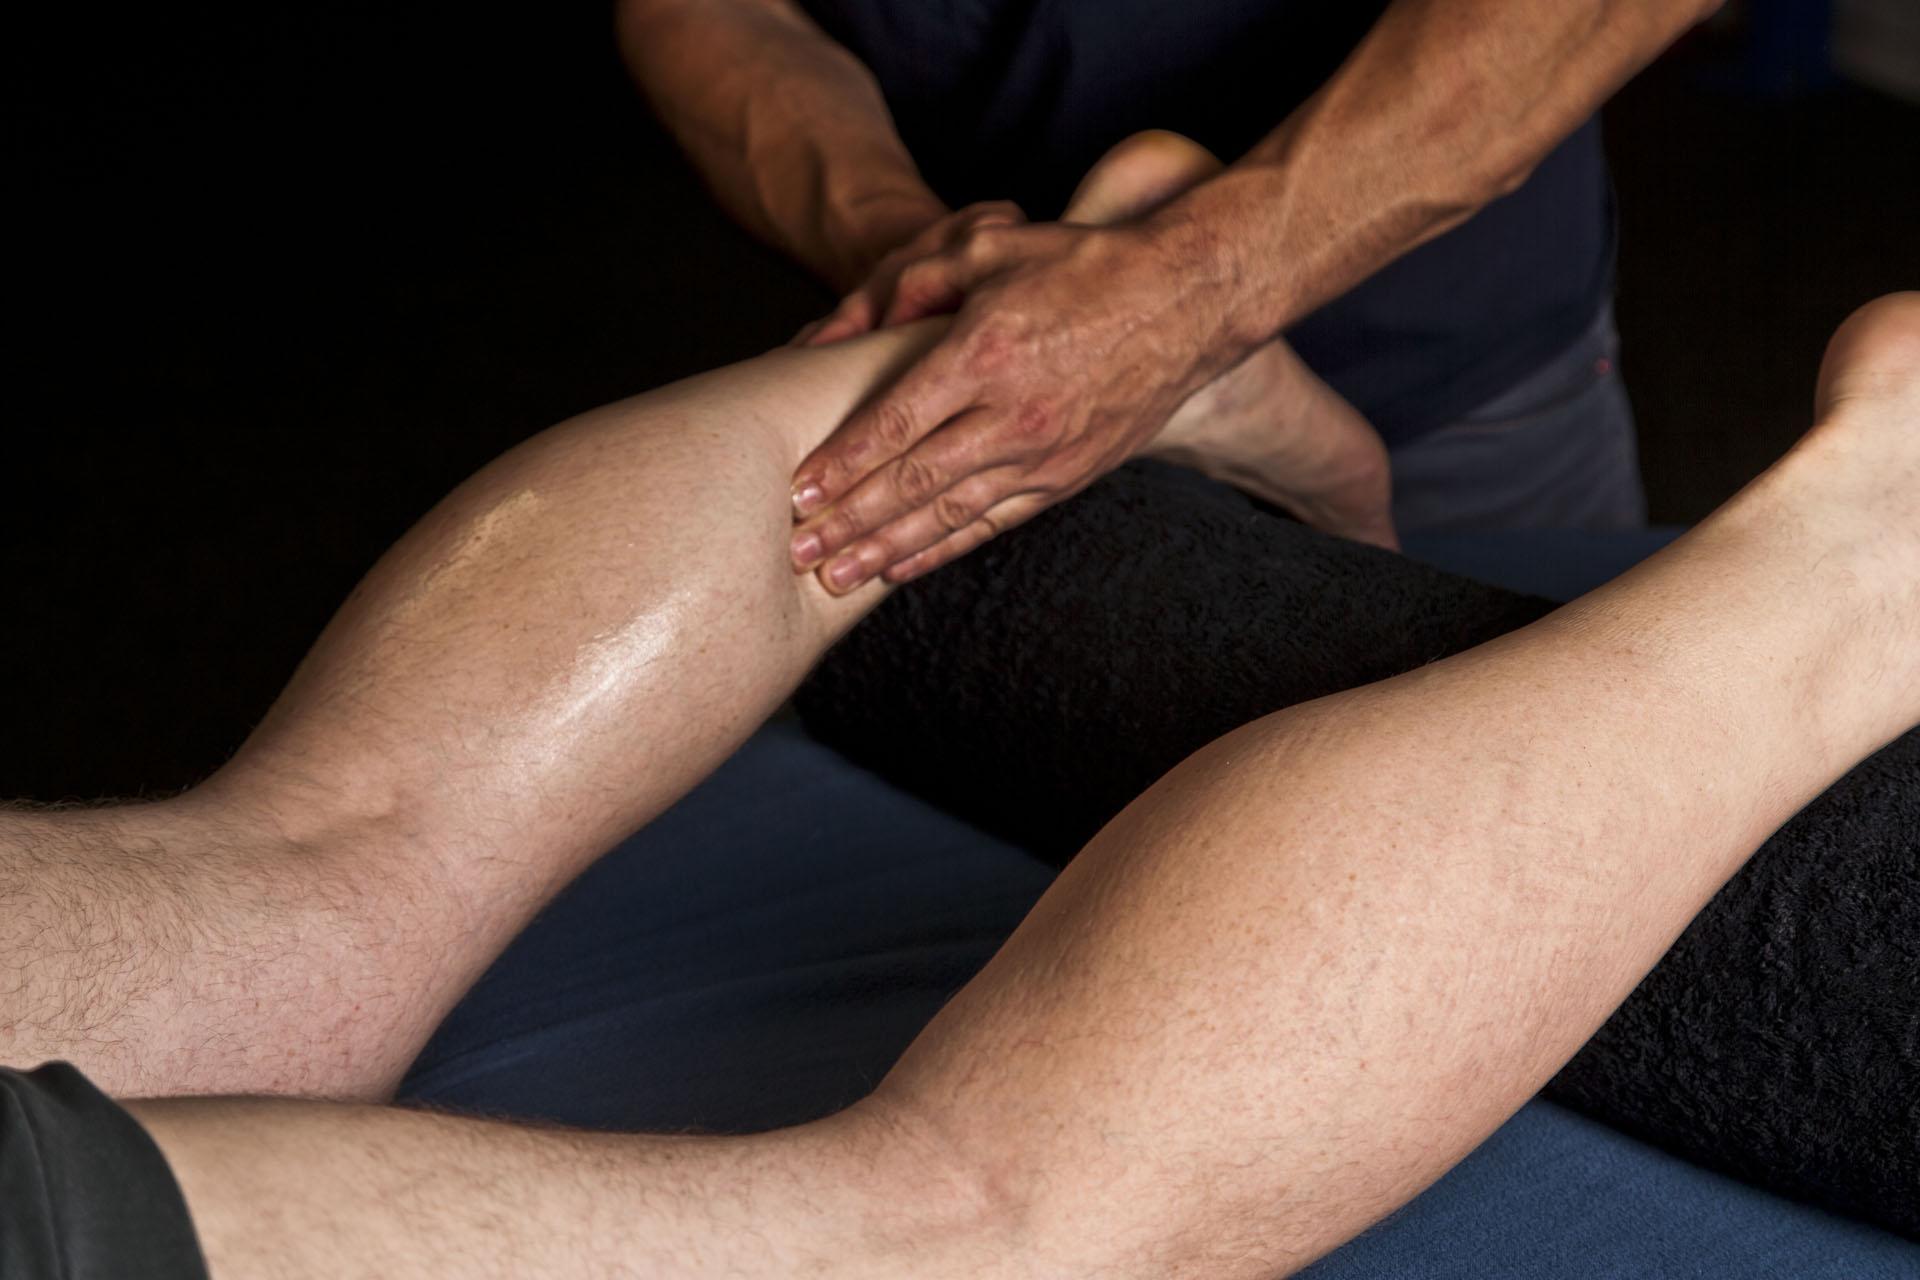 Rise Up Sporttherapie biedt sportmassage in Alkmaar. Kies voor behandeling door iemand die volledig gediplomeerd is en fulltime bezig is met sporttherapie.